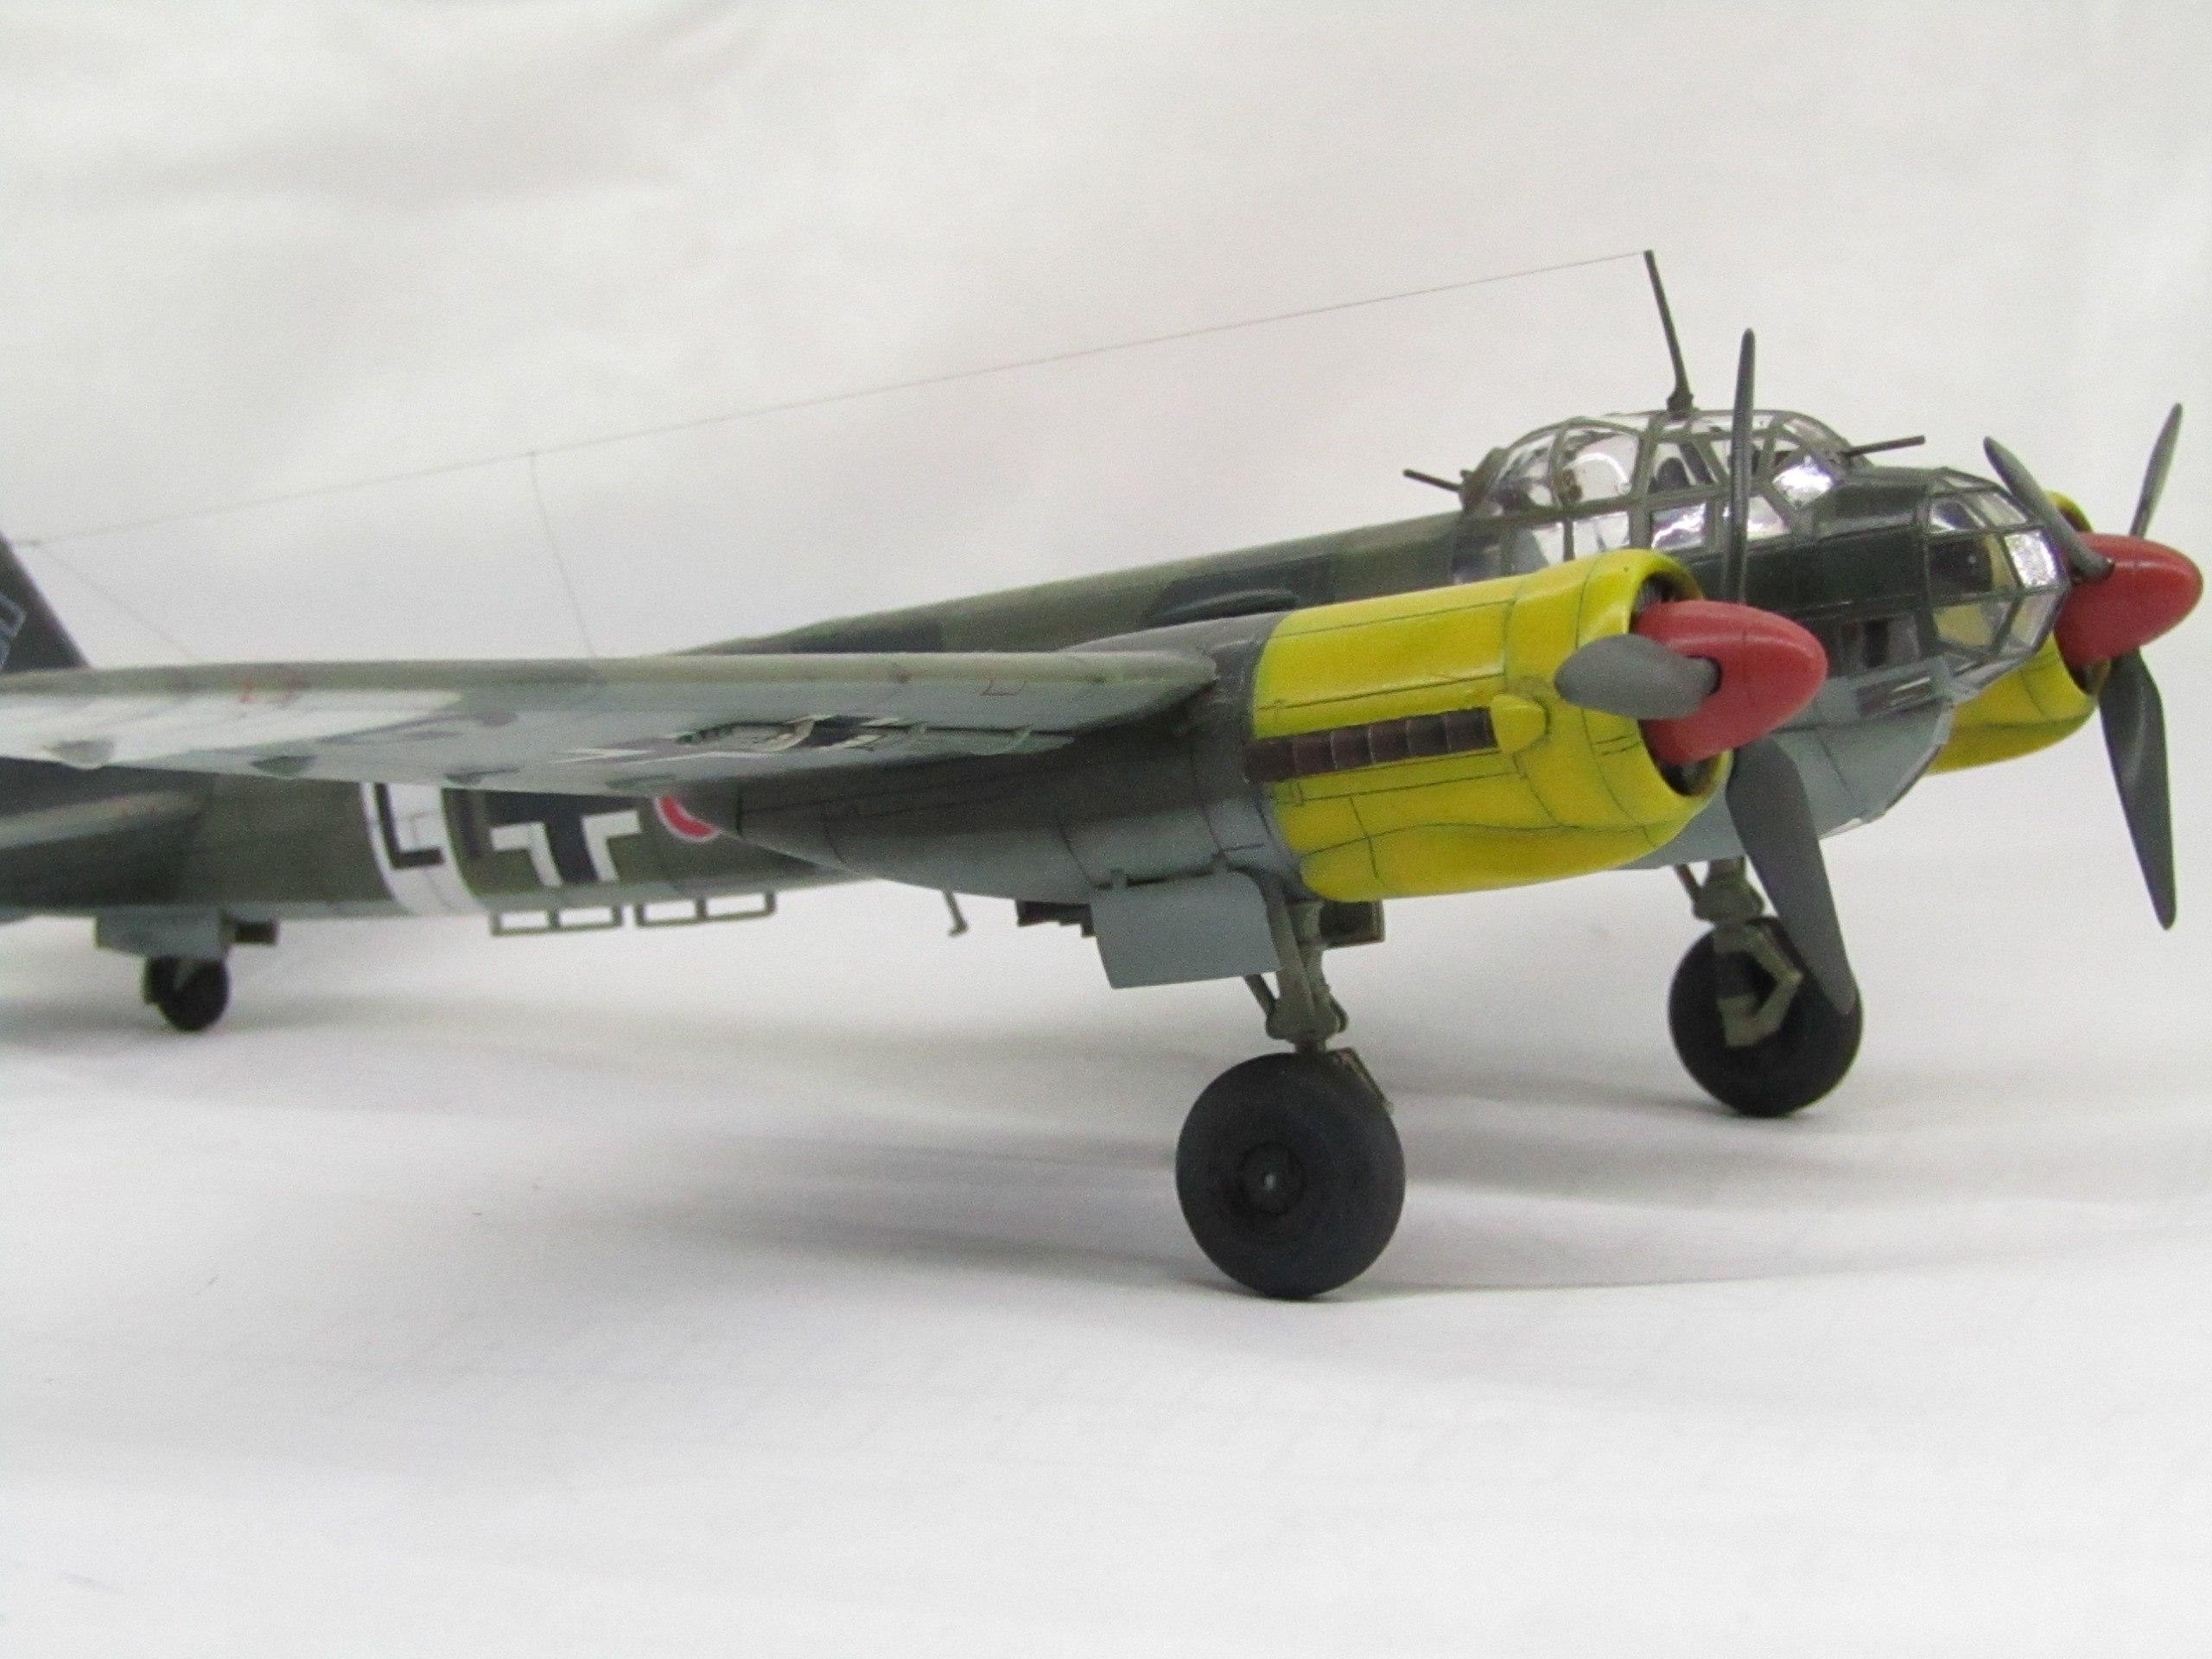 Ju-88 A-4 1/72 (Звезда) NnNUXu7Kjbs